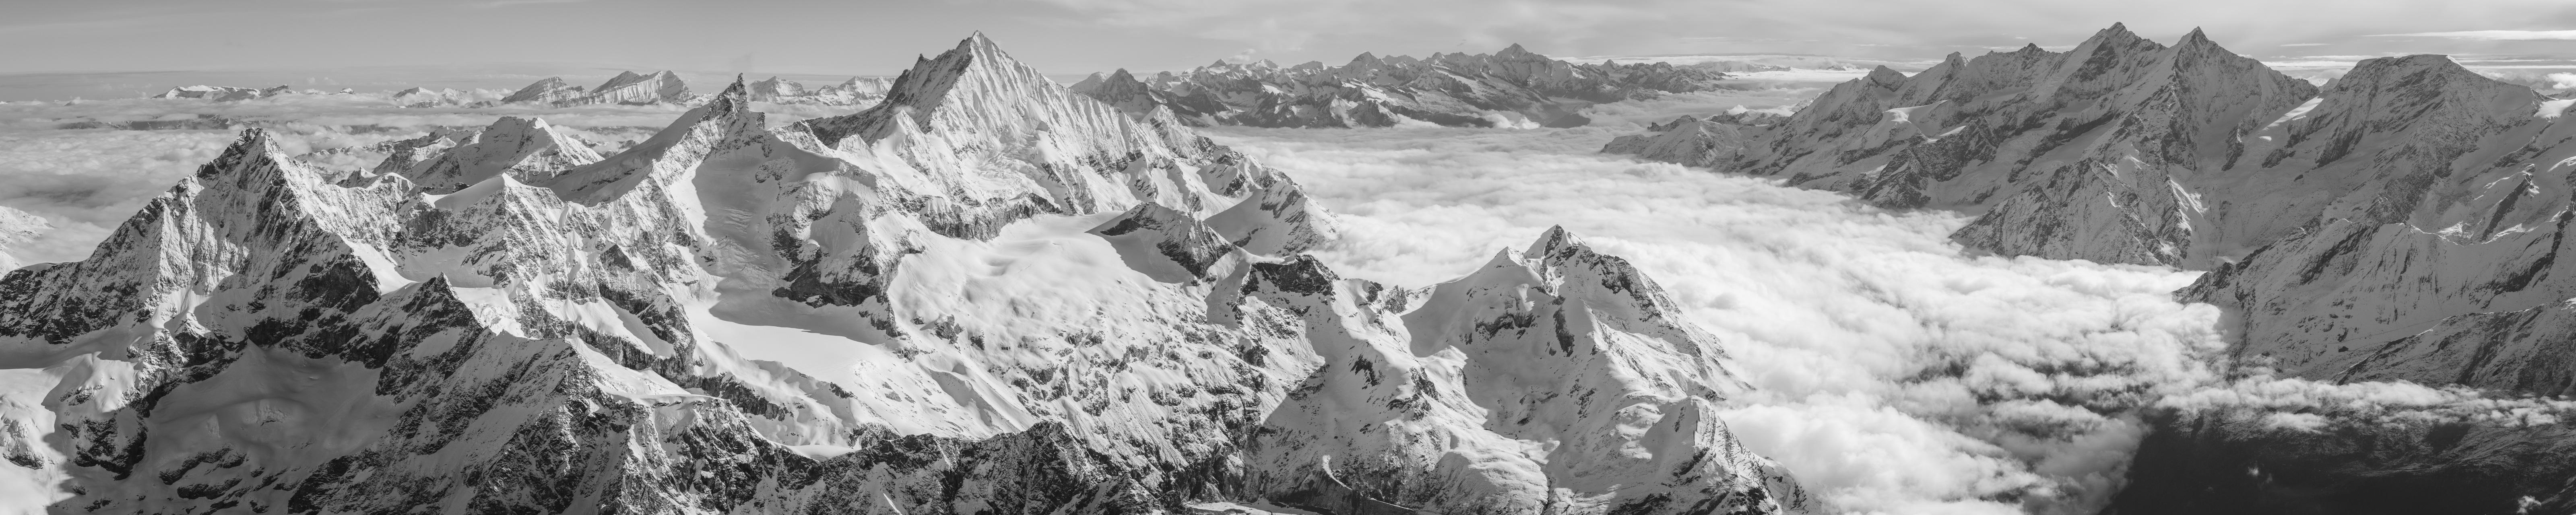 Alpes bernoises Mont Cervin - tableau photo panoramique en noir et blanc de montagne